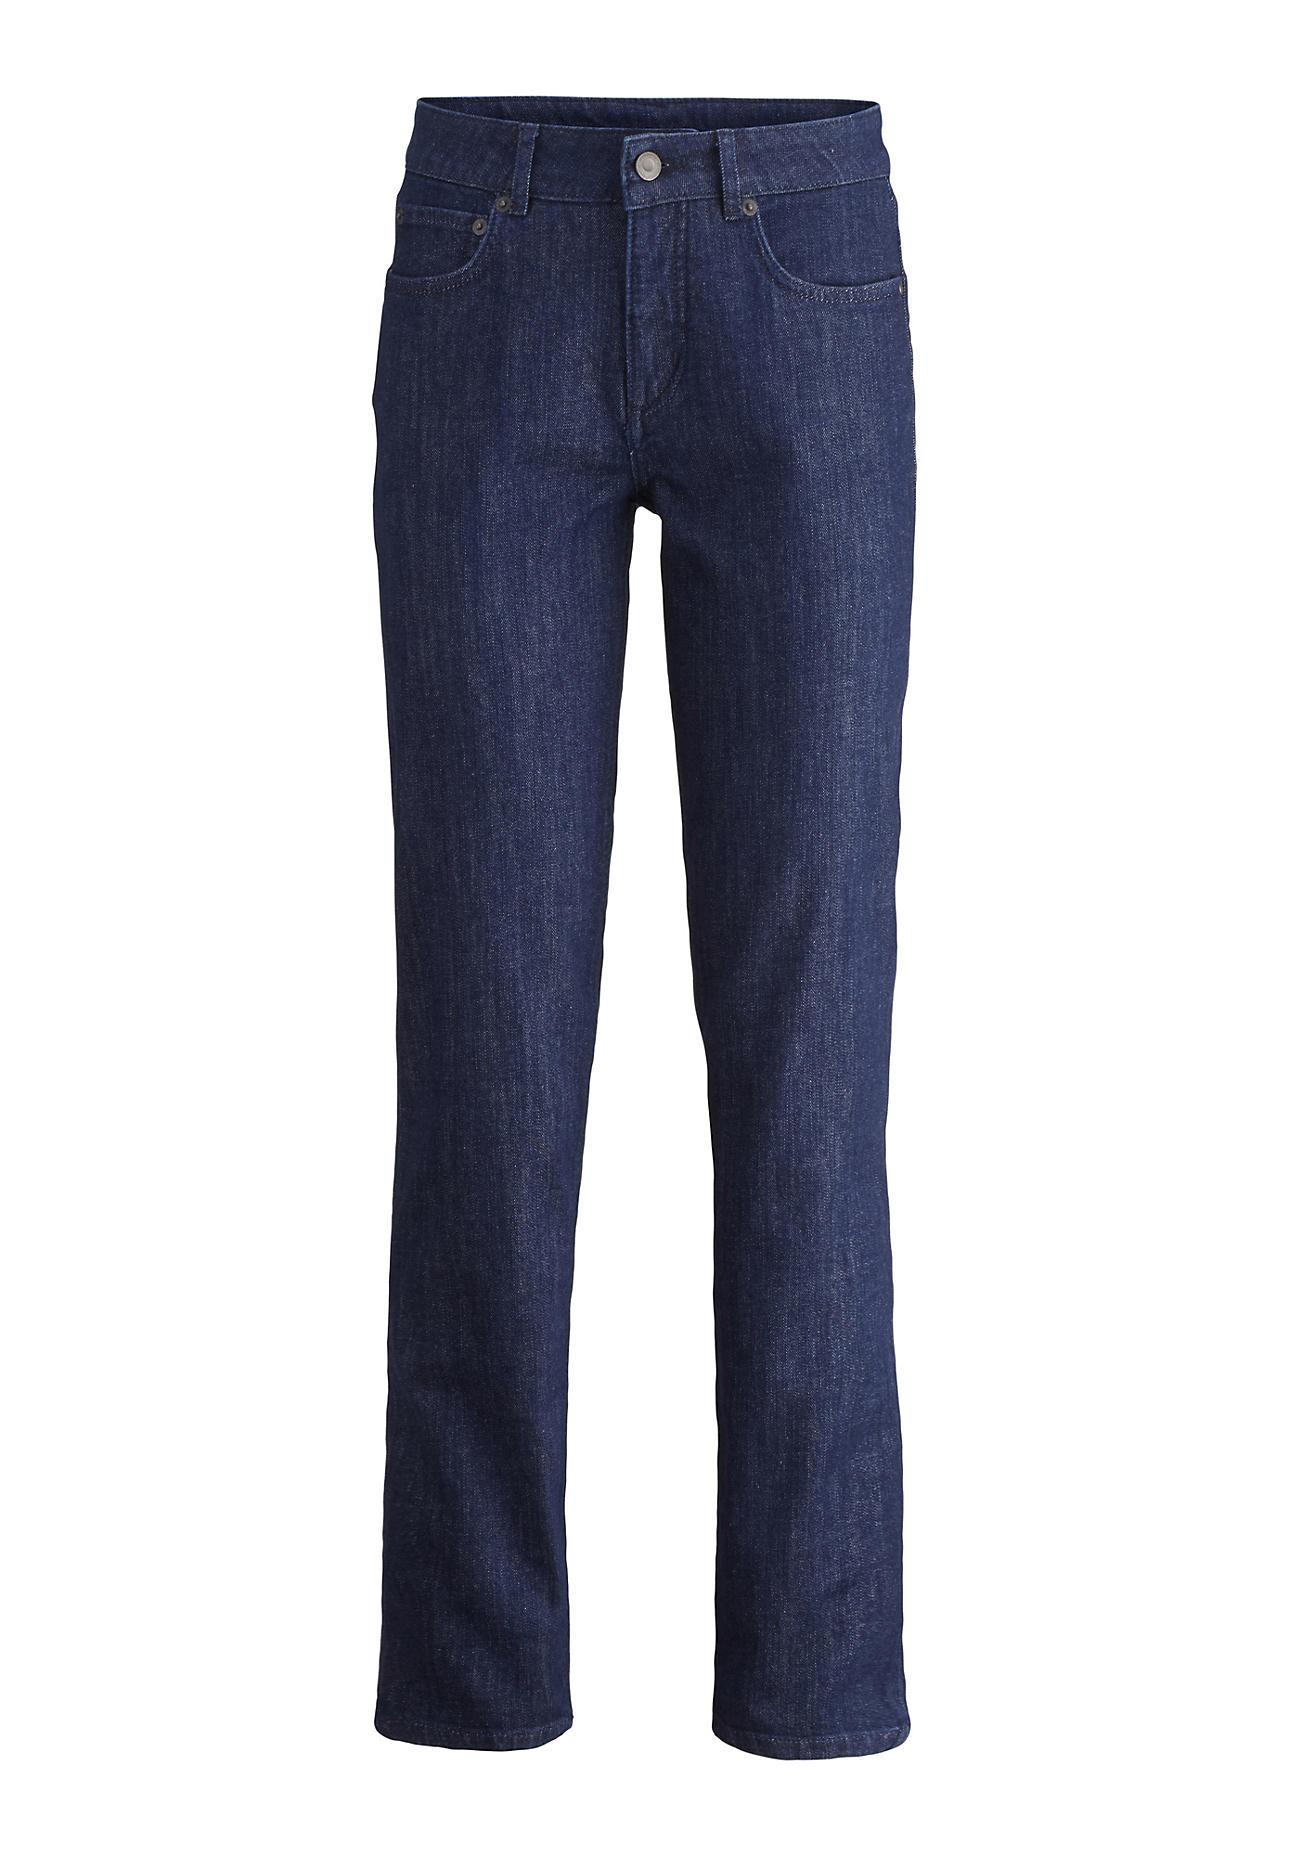 hessnatur Damen Jeans Marie Straight Fit aus Bio-Denim – blau – Größe 26/30